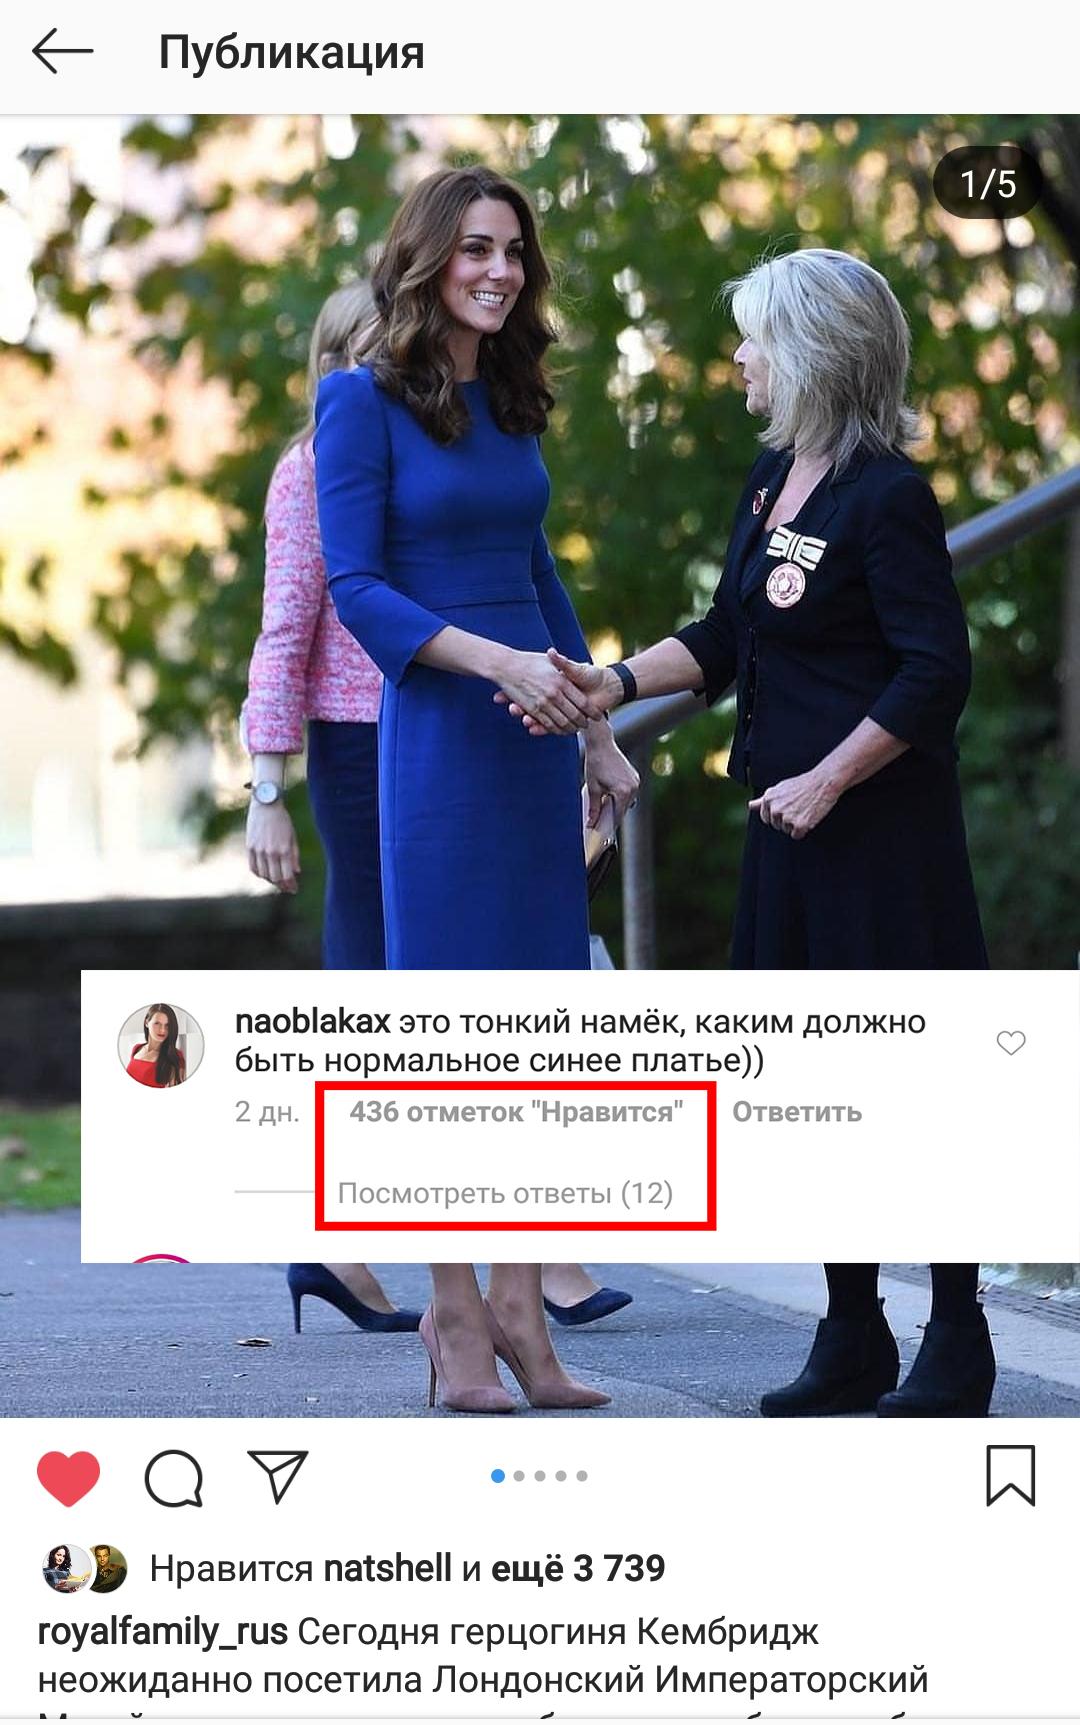 продвижение в инстаграм комментариями | naoblakax.ru